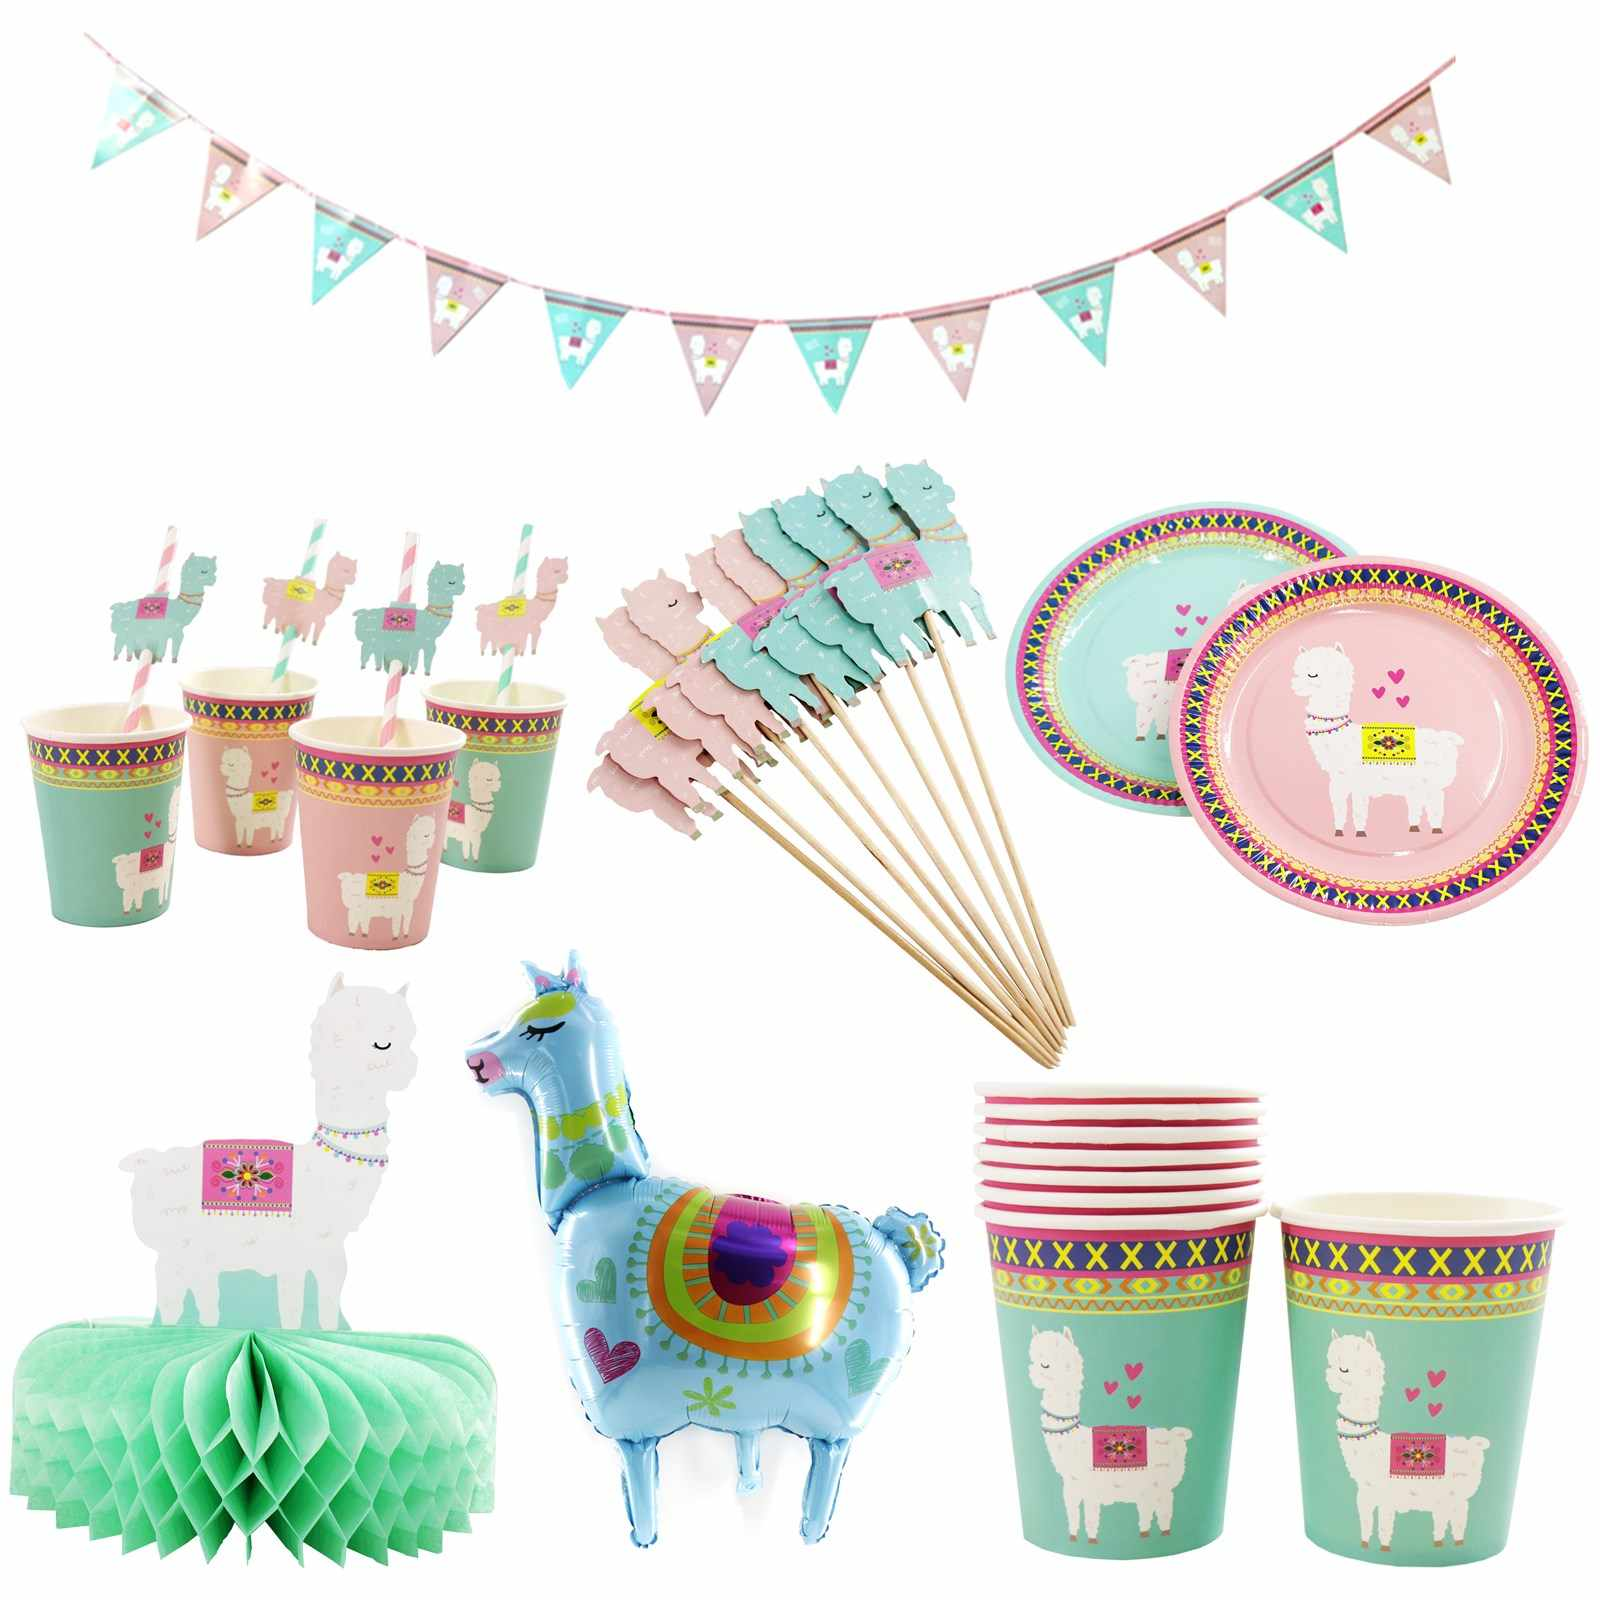 אלפקה יום הולדת מסיבת קישוט Llama אלפקה נייר צלחות כוסות מפיות עוגת טופר לילדים שמח מסיבת יום הולדת דקור וגינה